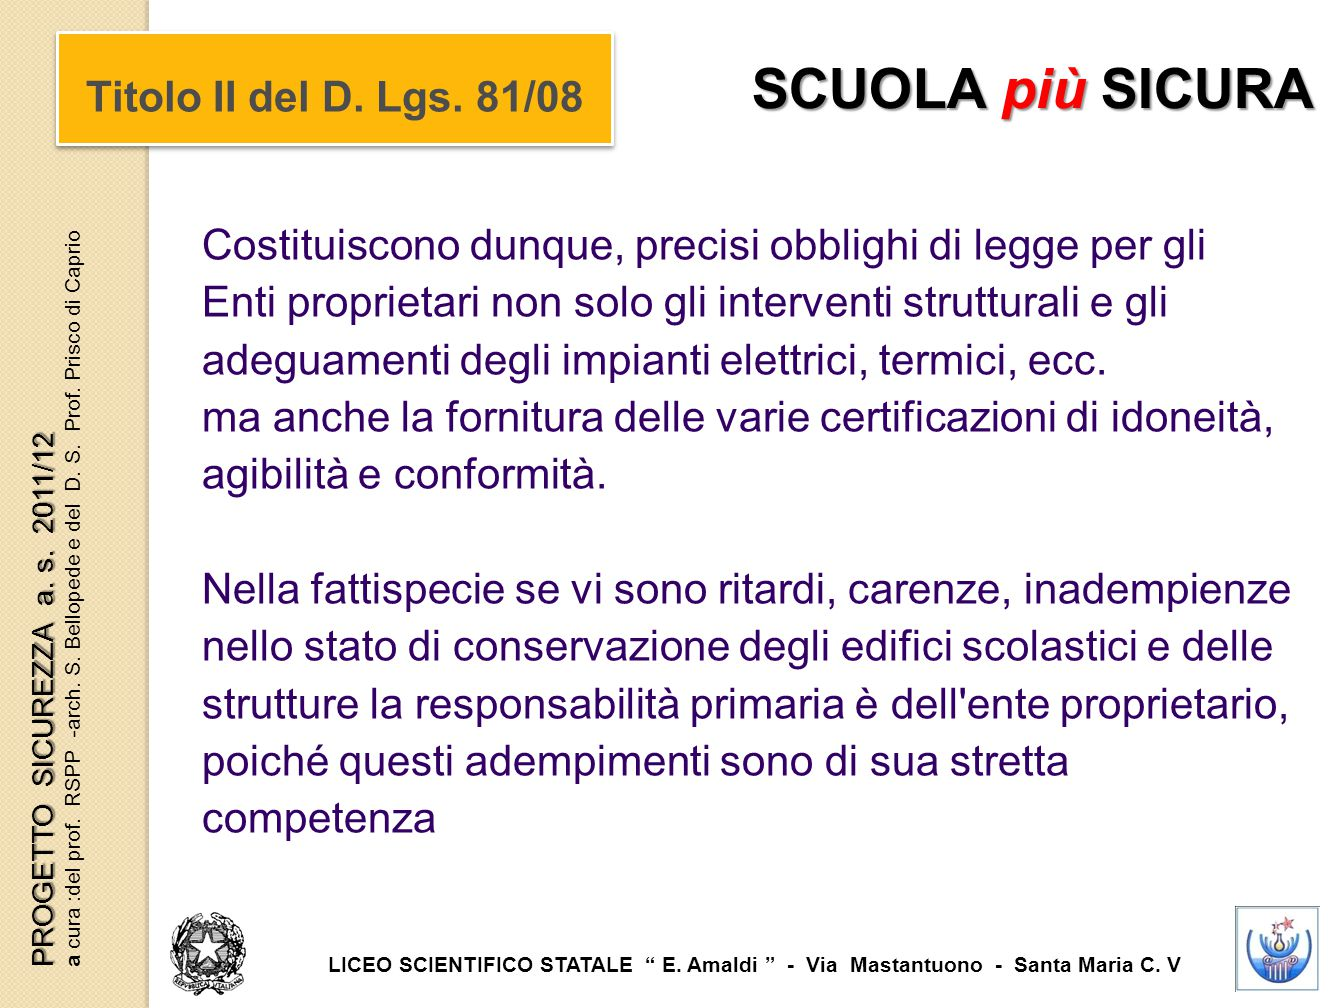 SCUOLA più SICURA Titolo II del D. Lgs. 81/08